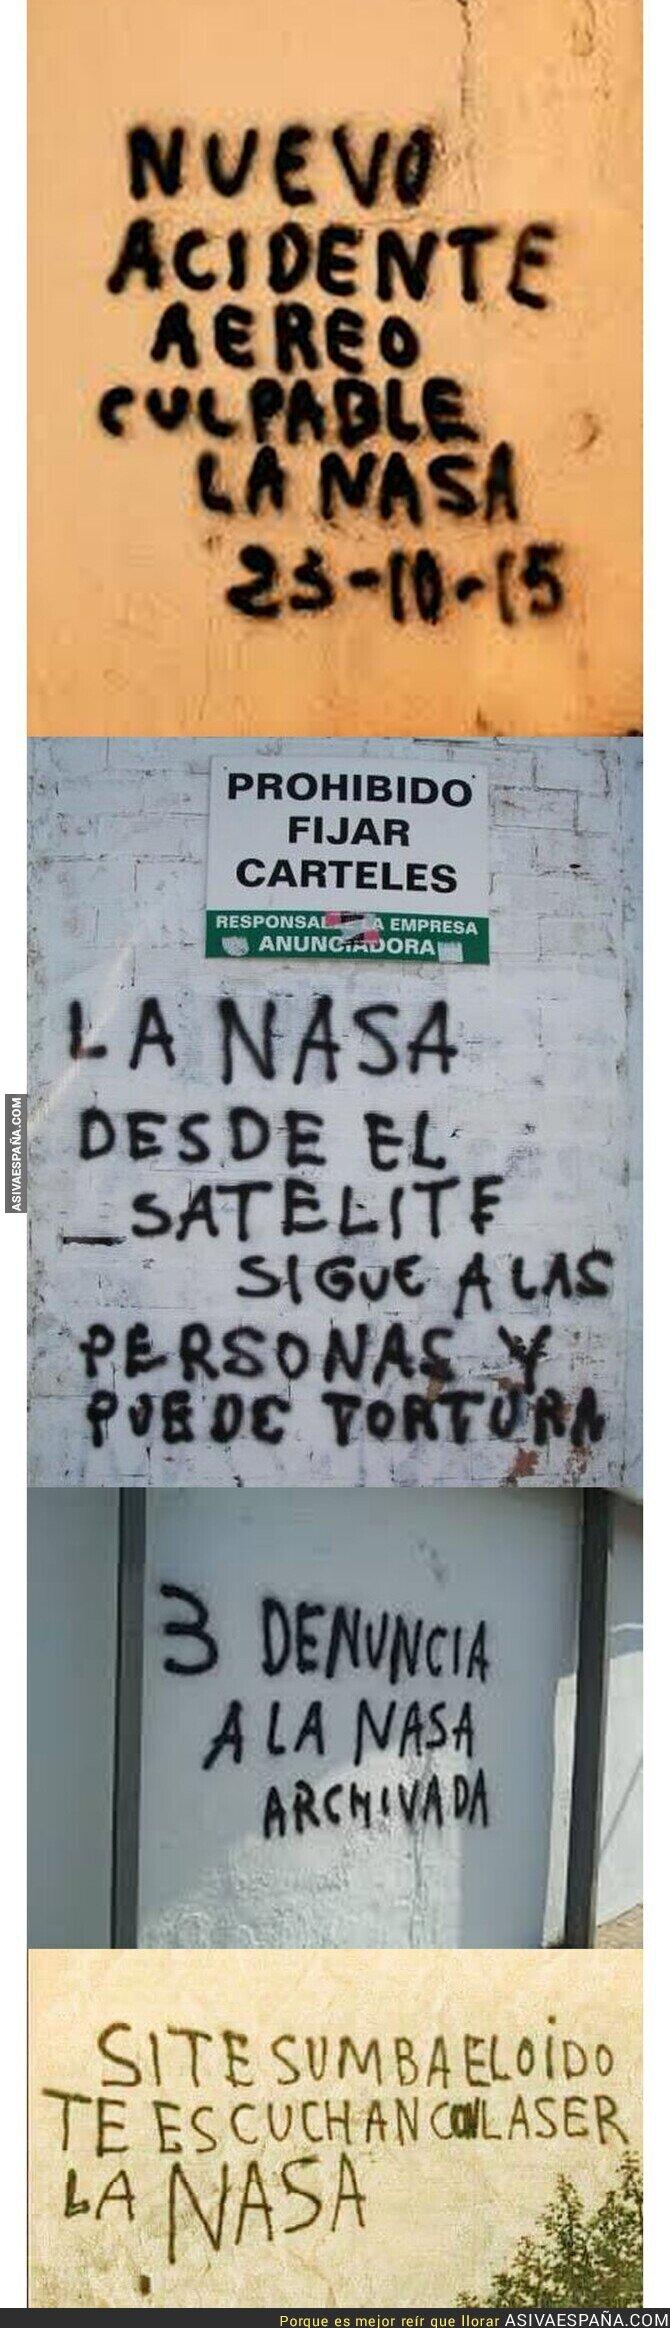 329157 - Arte callejero